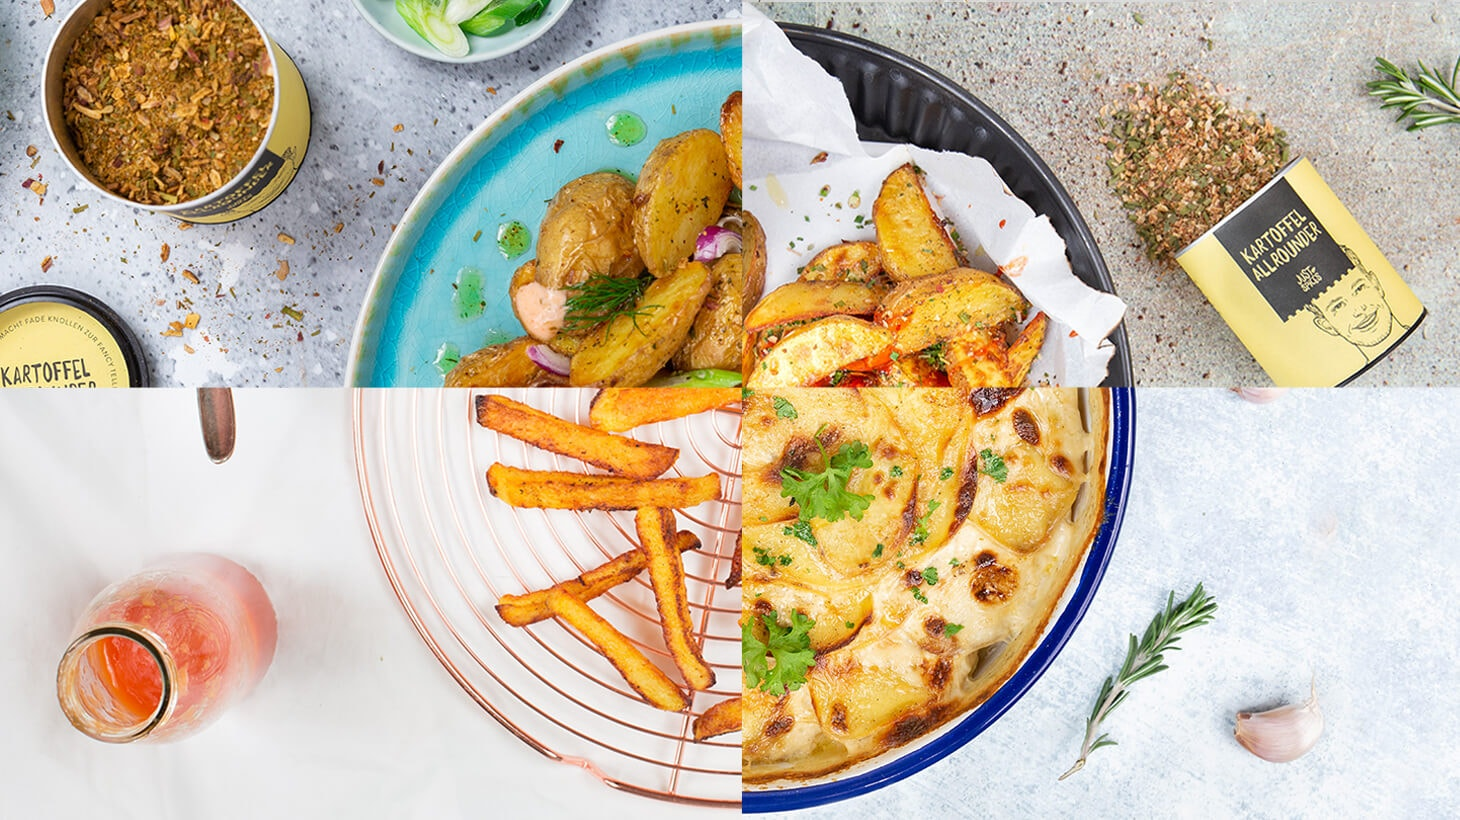 Kartoffel: Runde Sache und tolle Knolle